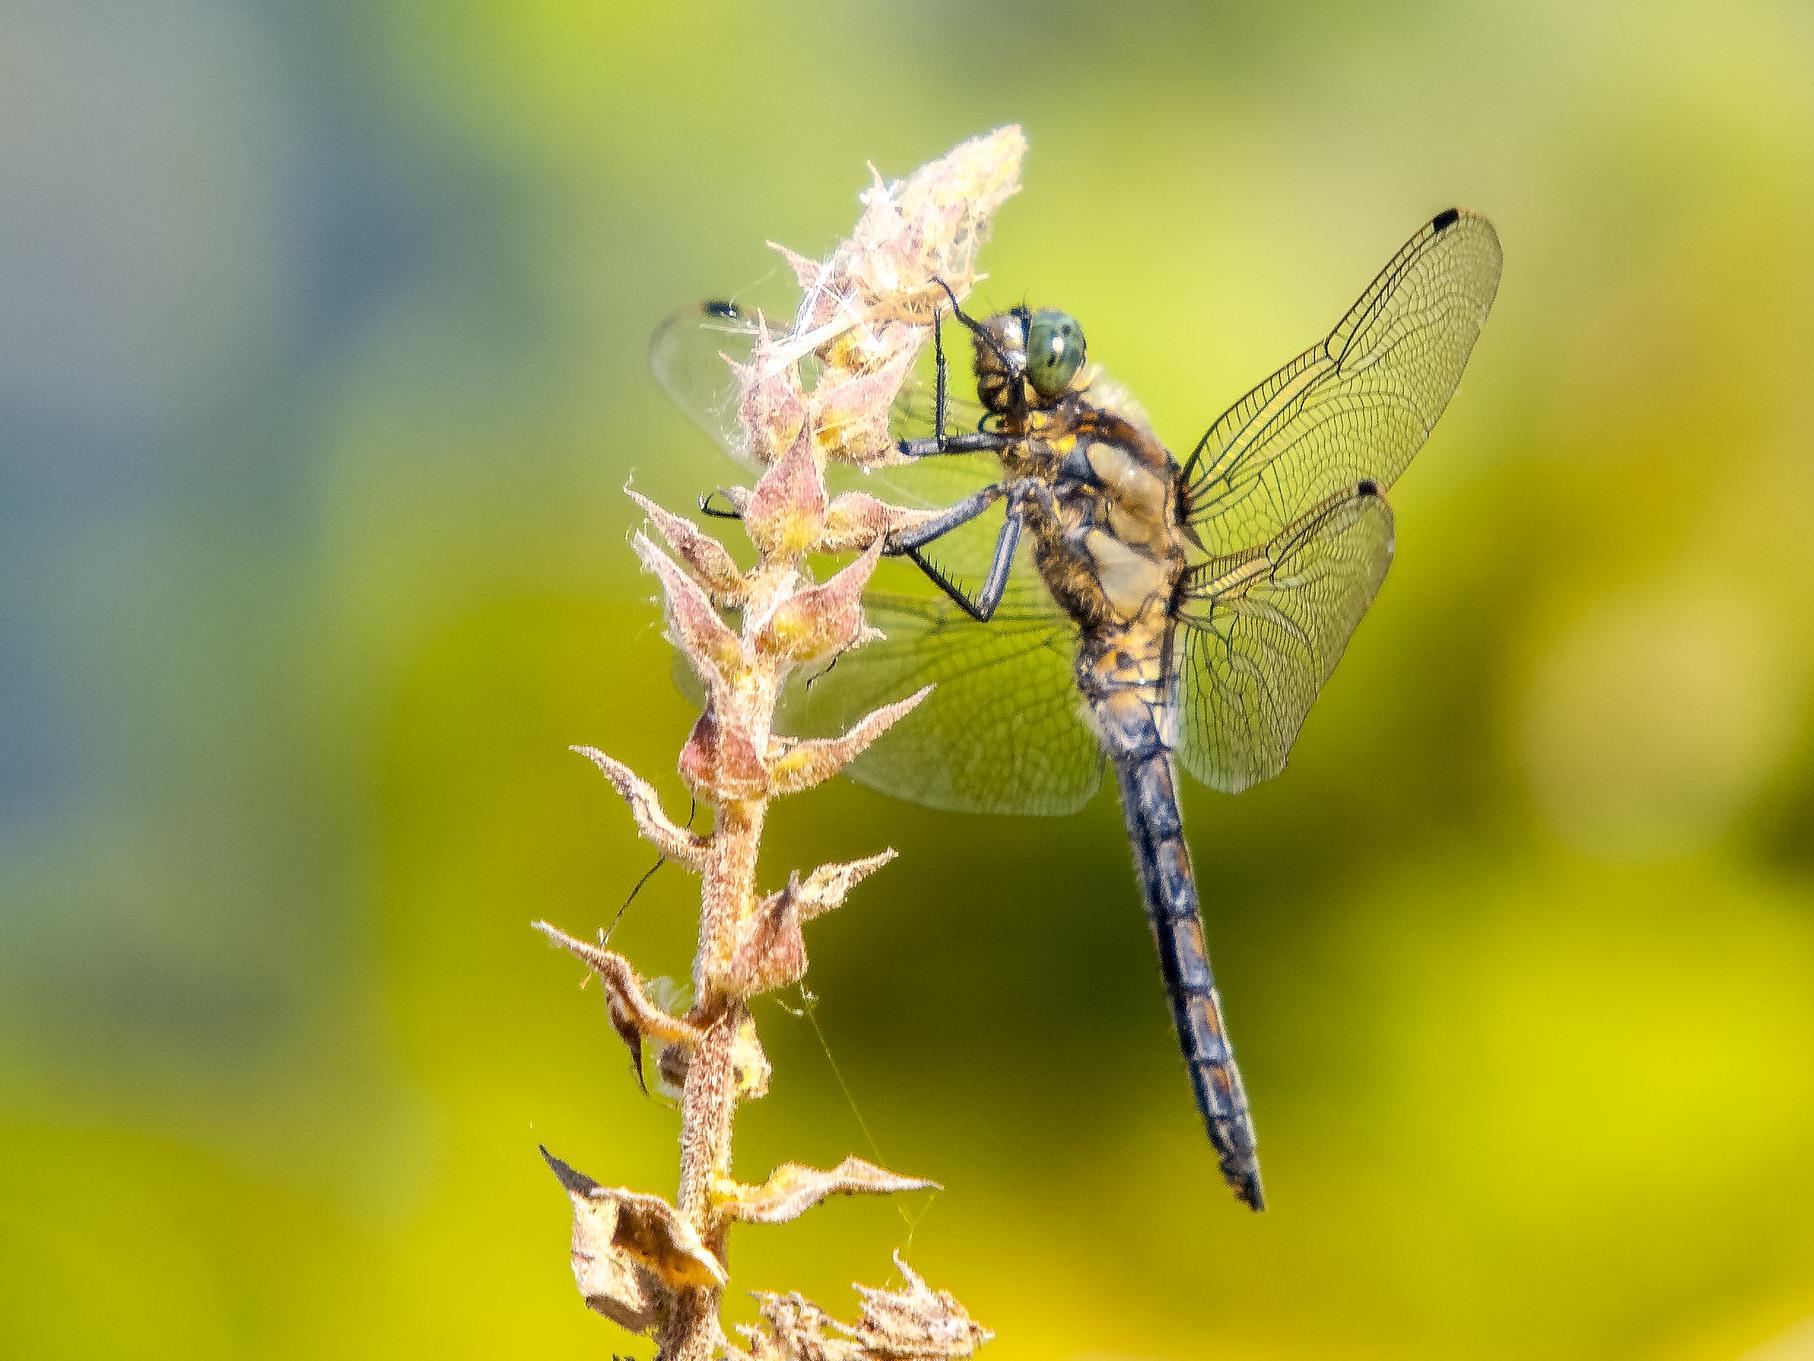 Eine Blaupfeil-Libelle hängt an einer Pflanze.